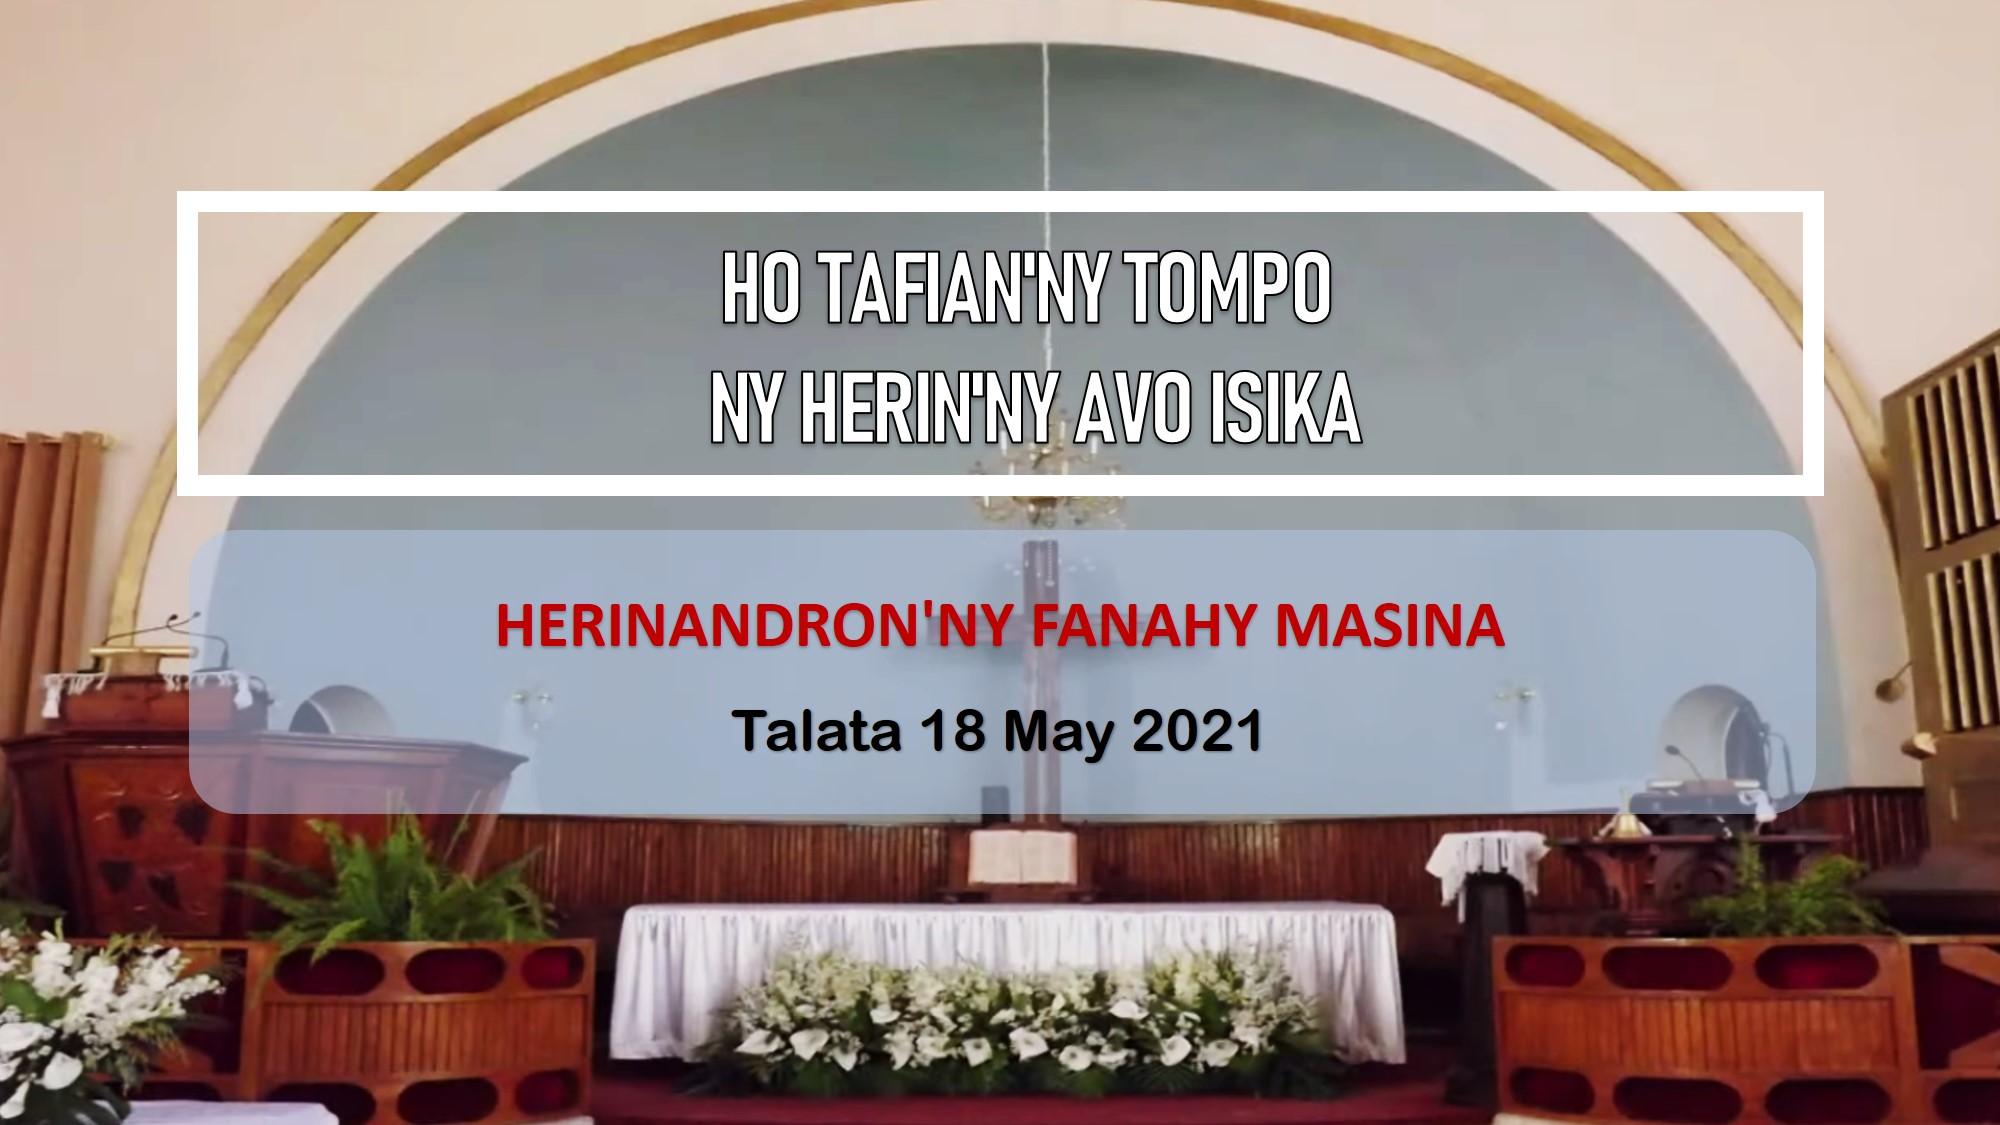 HO TAFIAN'NY TOMPO NY HERIN'NY AVO ISIKA